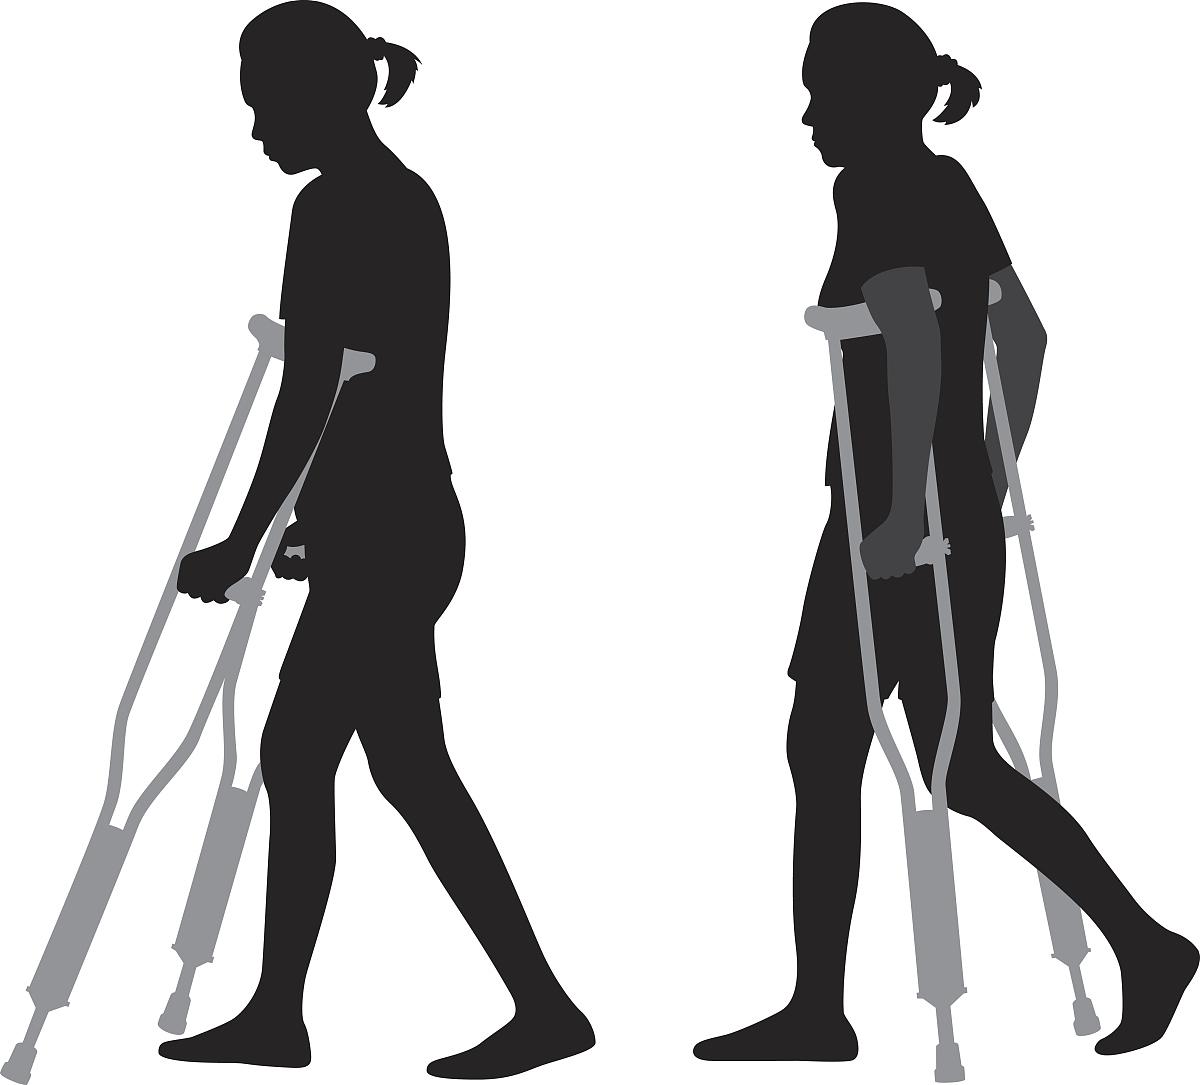 后退式走路对身体有什么好处